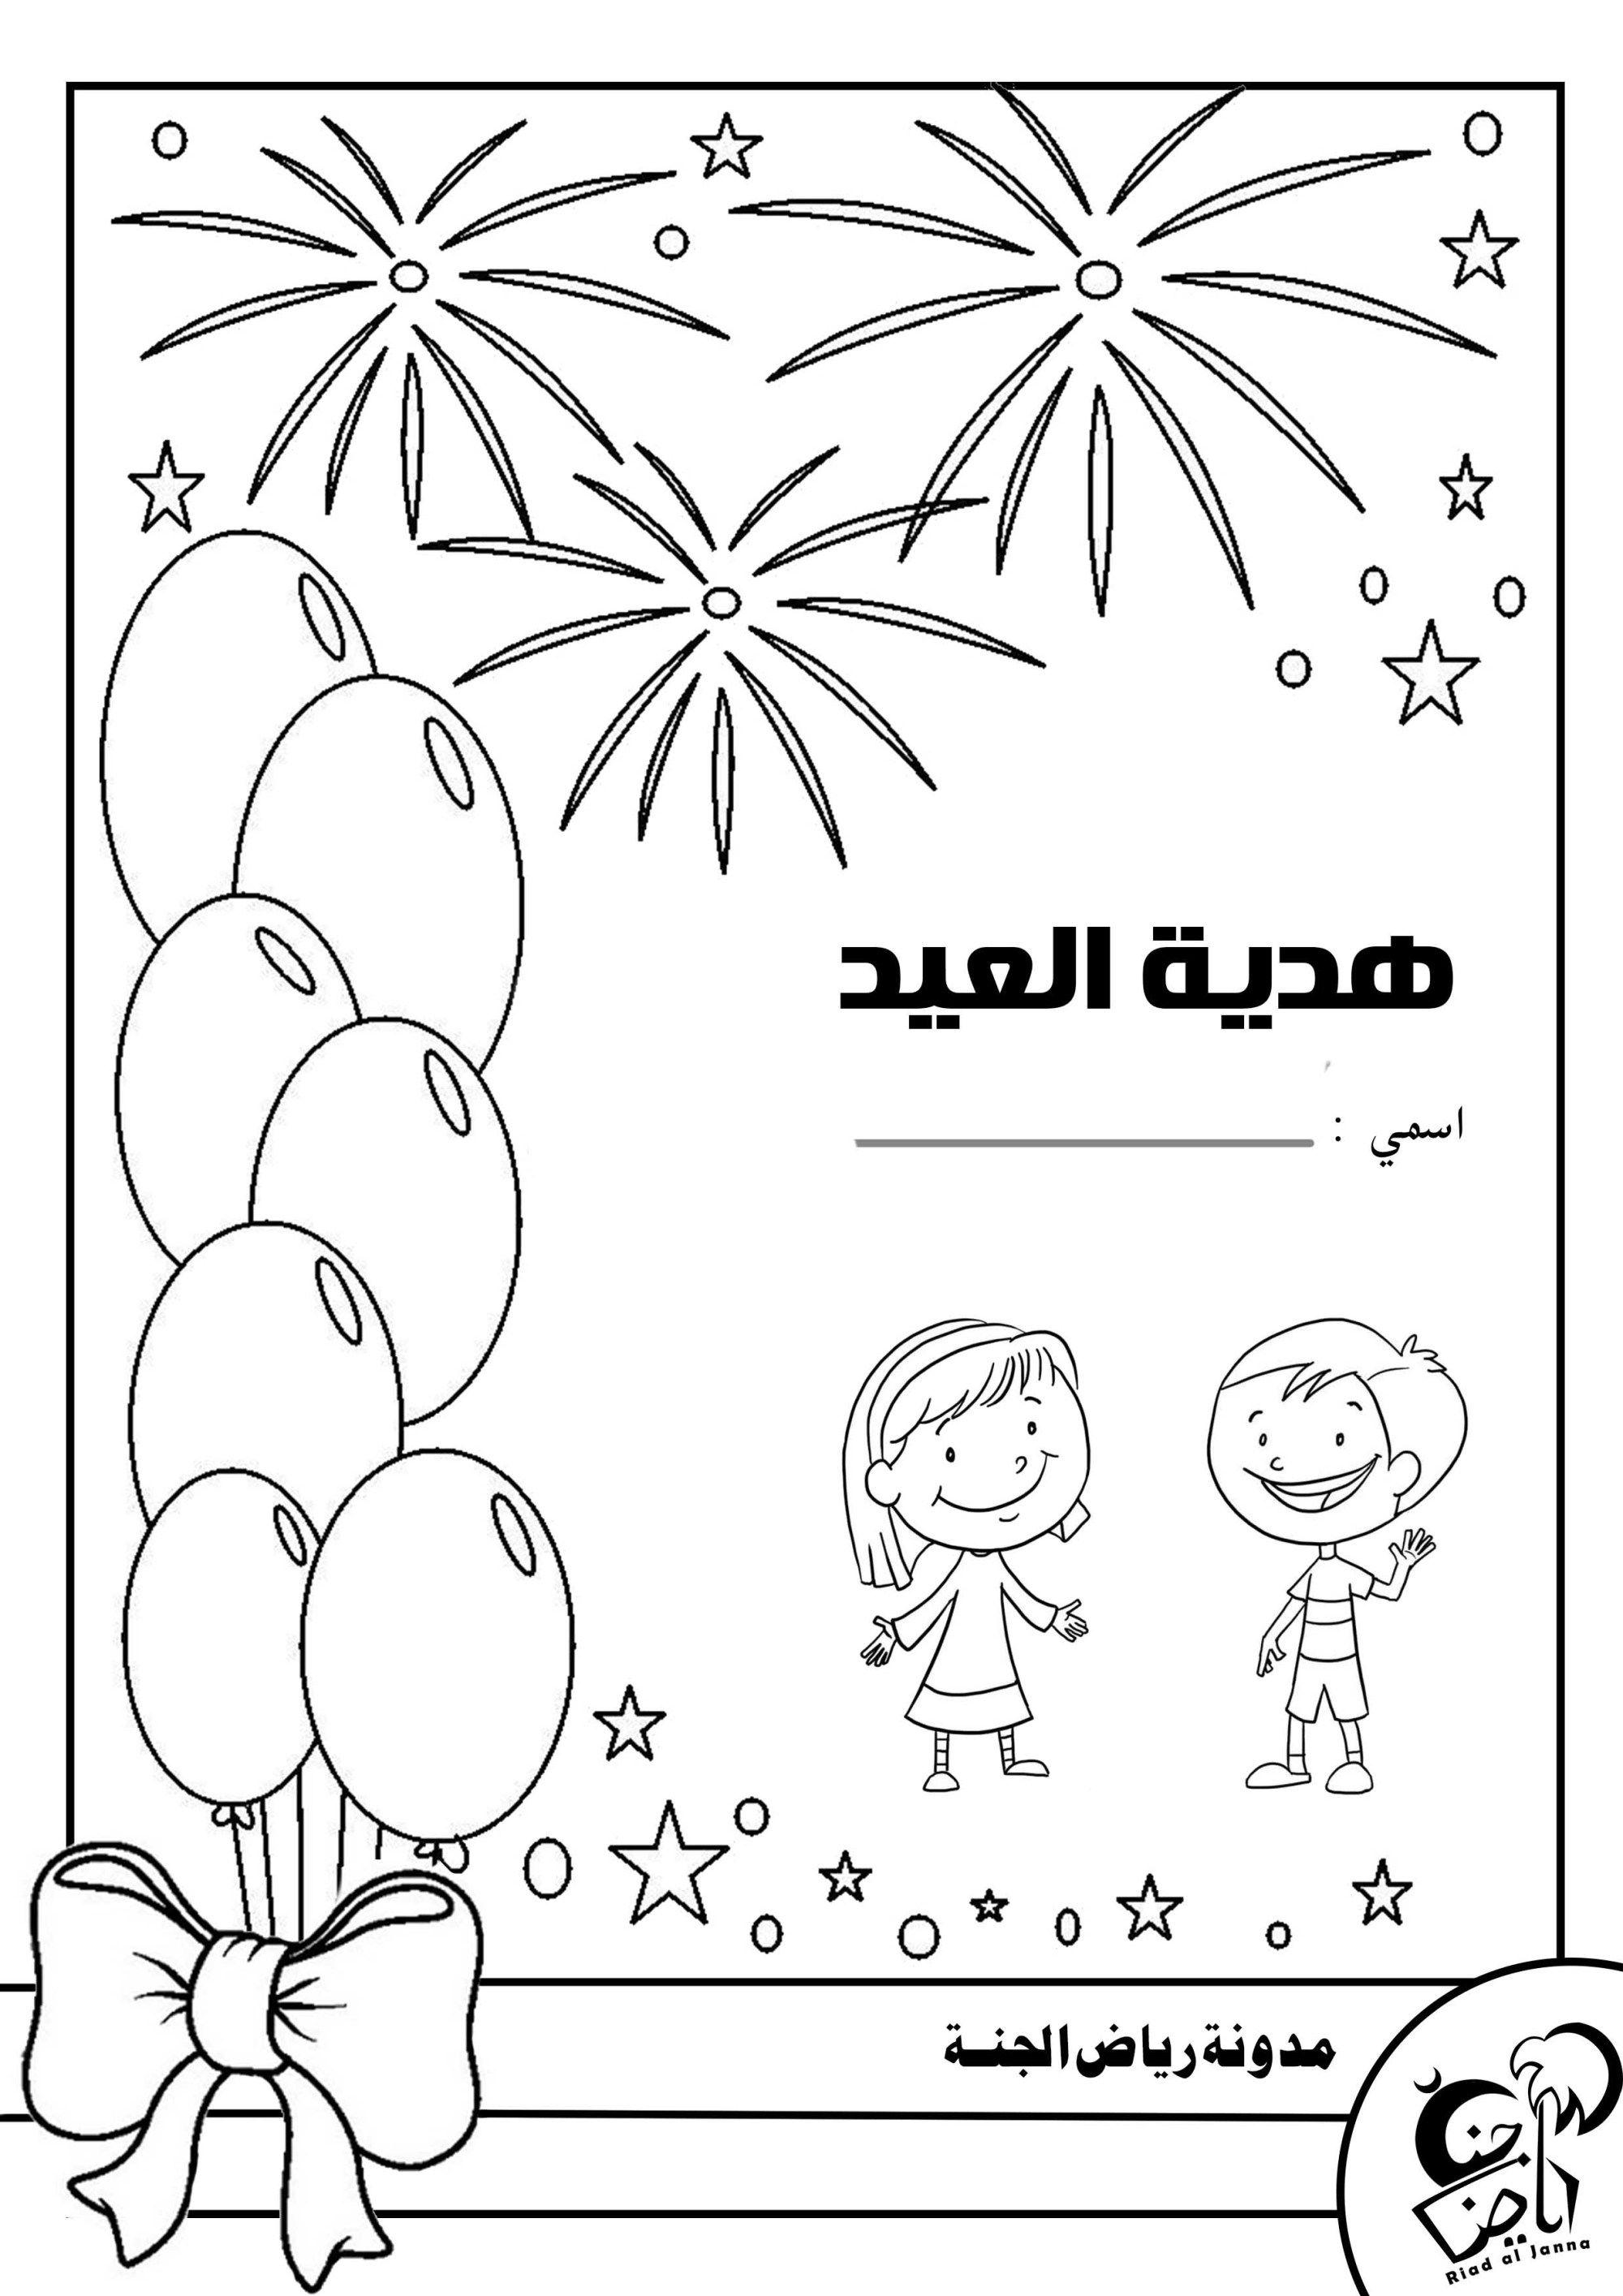 كتاب مؤلف من أكثر من 20 صفحة ممتعة جاهزة للطباعة ماهو العيد و ماهي آدابه صفحات للتلوين مع تمارين مسلية و بطاقات Home Decor Decals Home Decor Decor